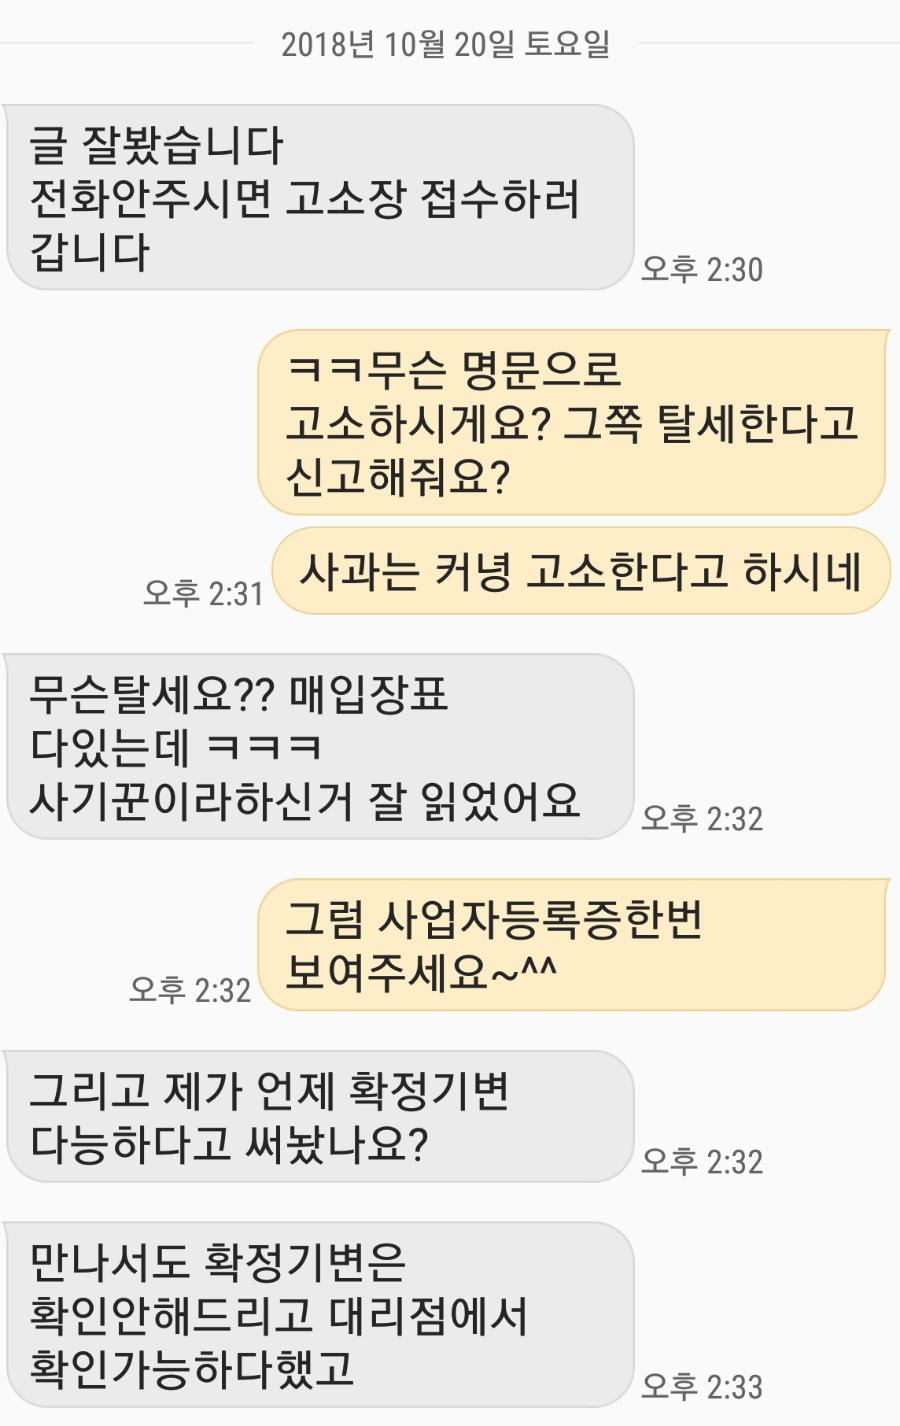 가산디지털단지역_01.png